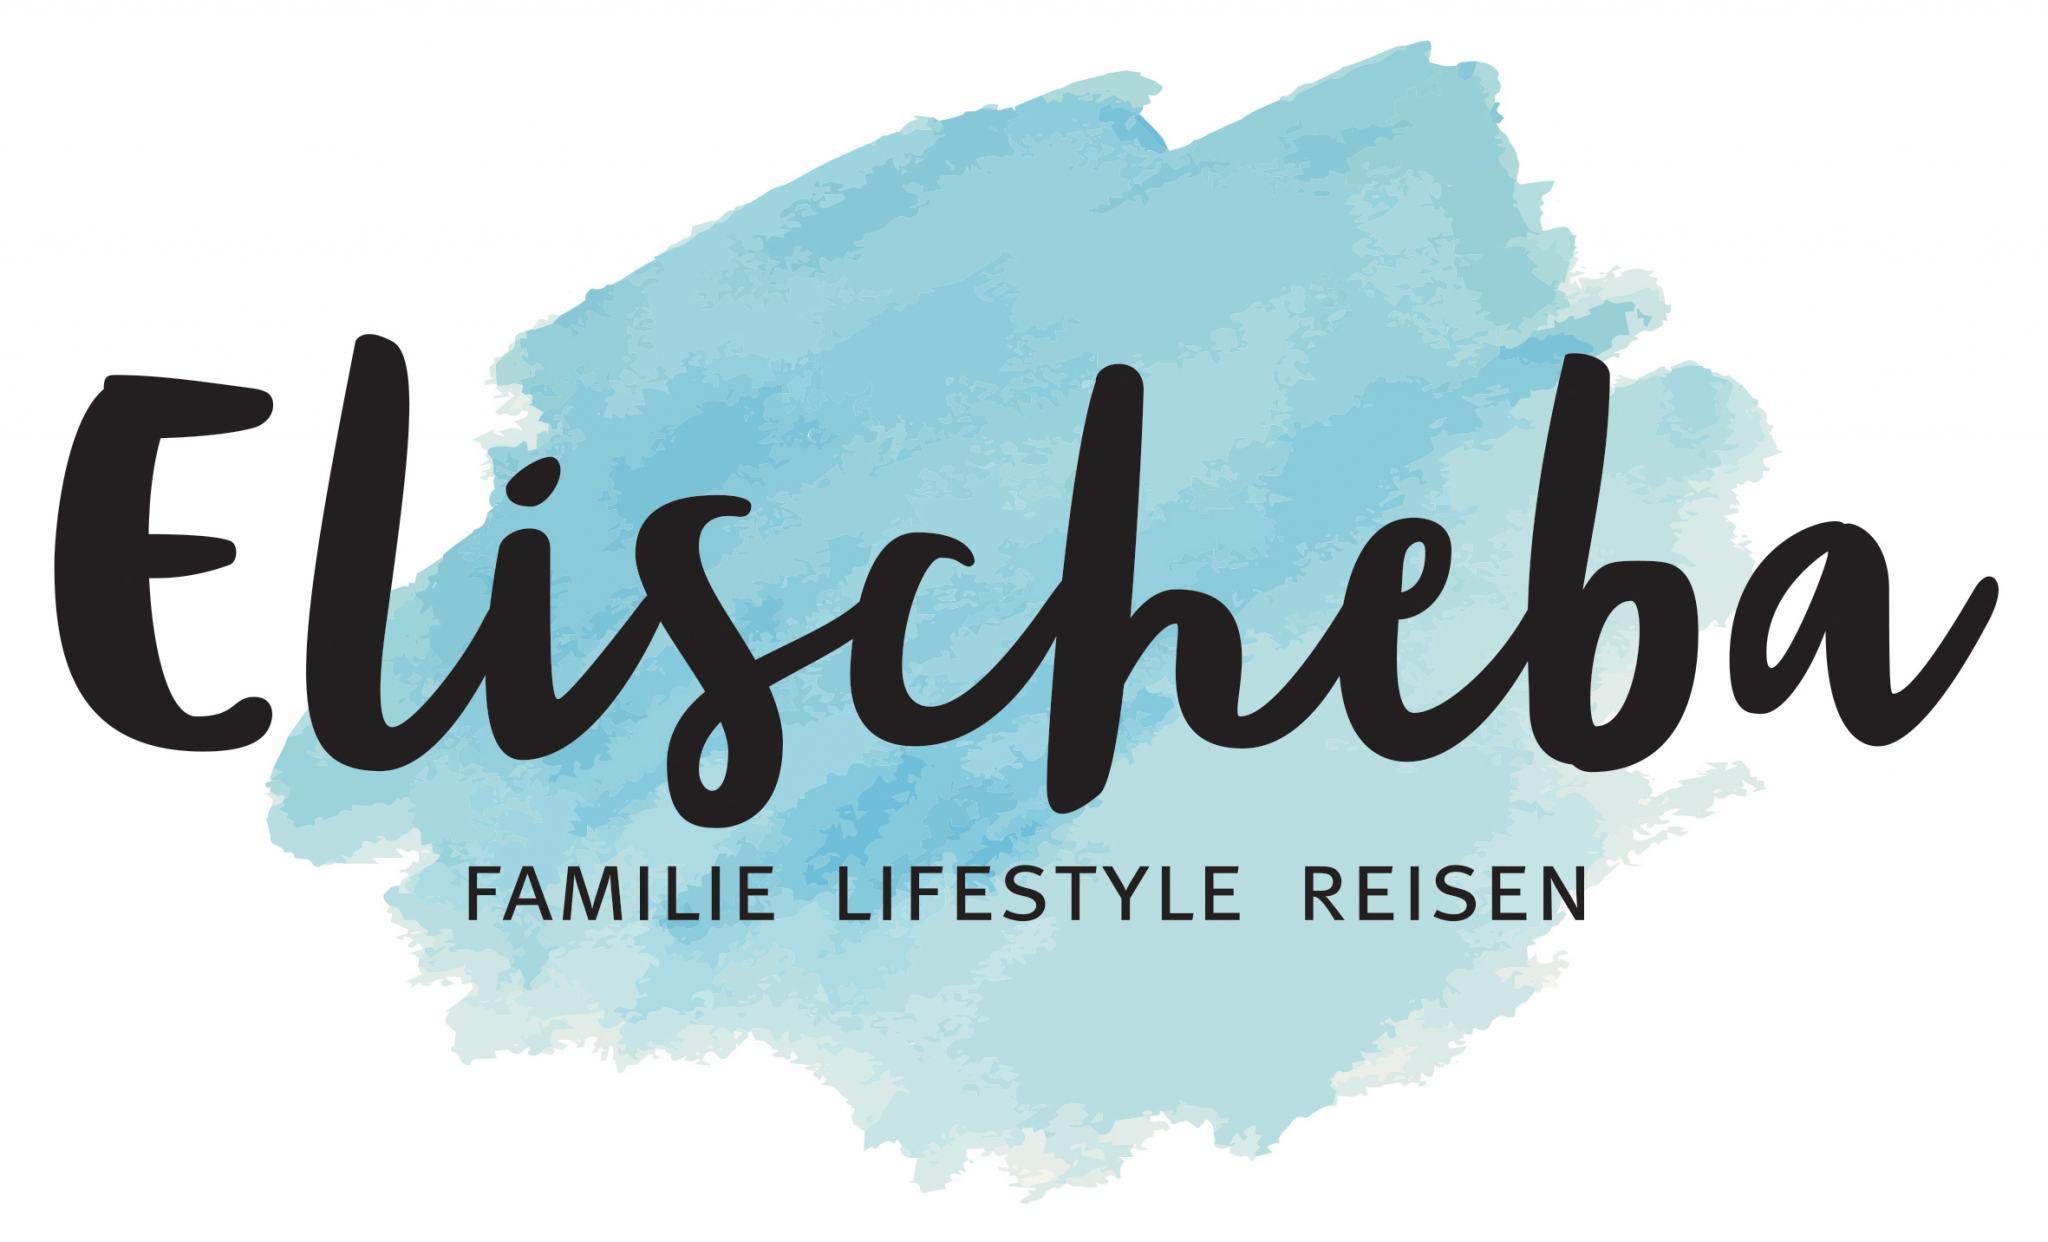 Elischeba | Reise-, Lifestyle- & Familien Blogazin by Elischeba Wilde